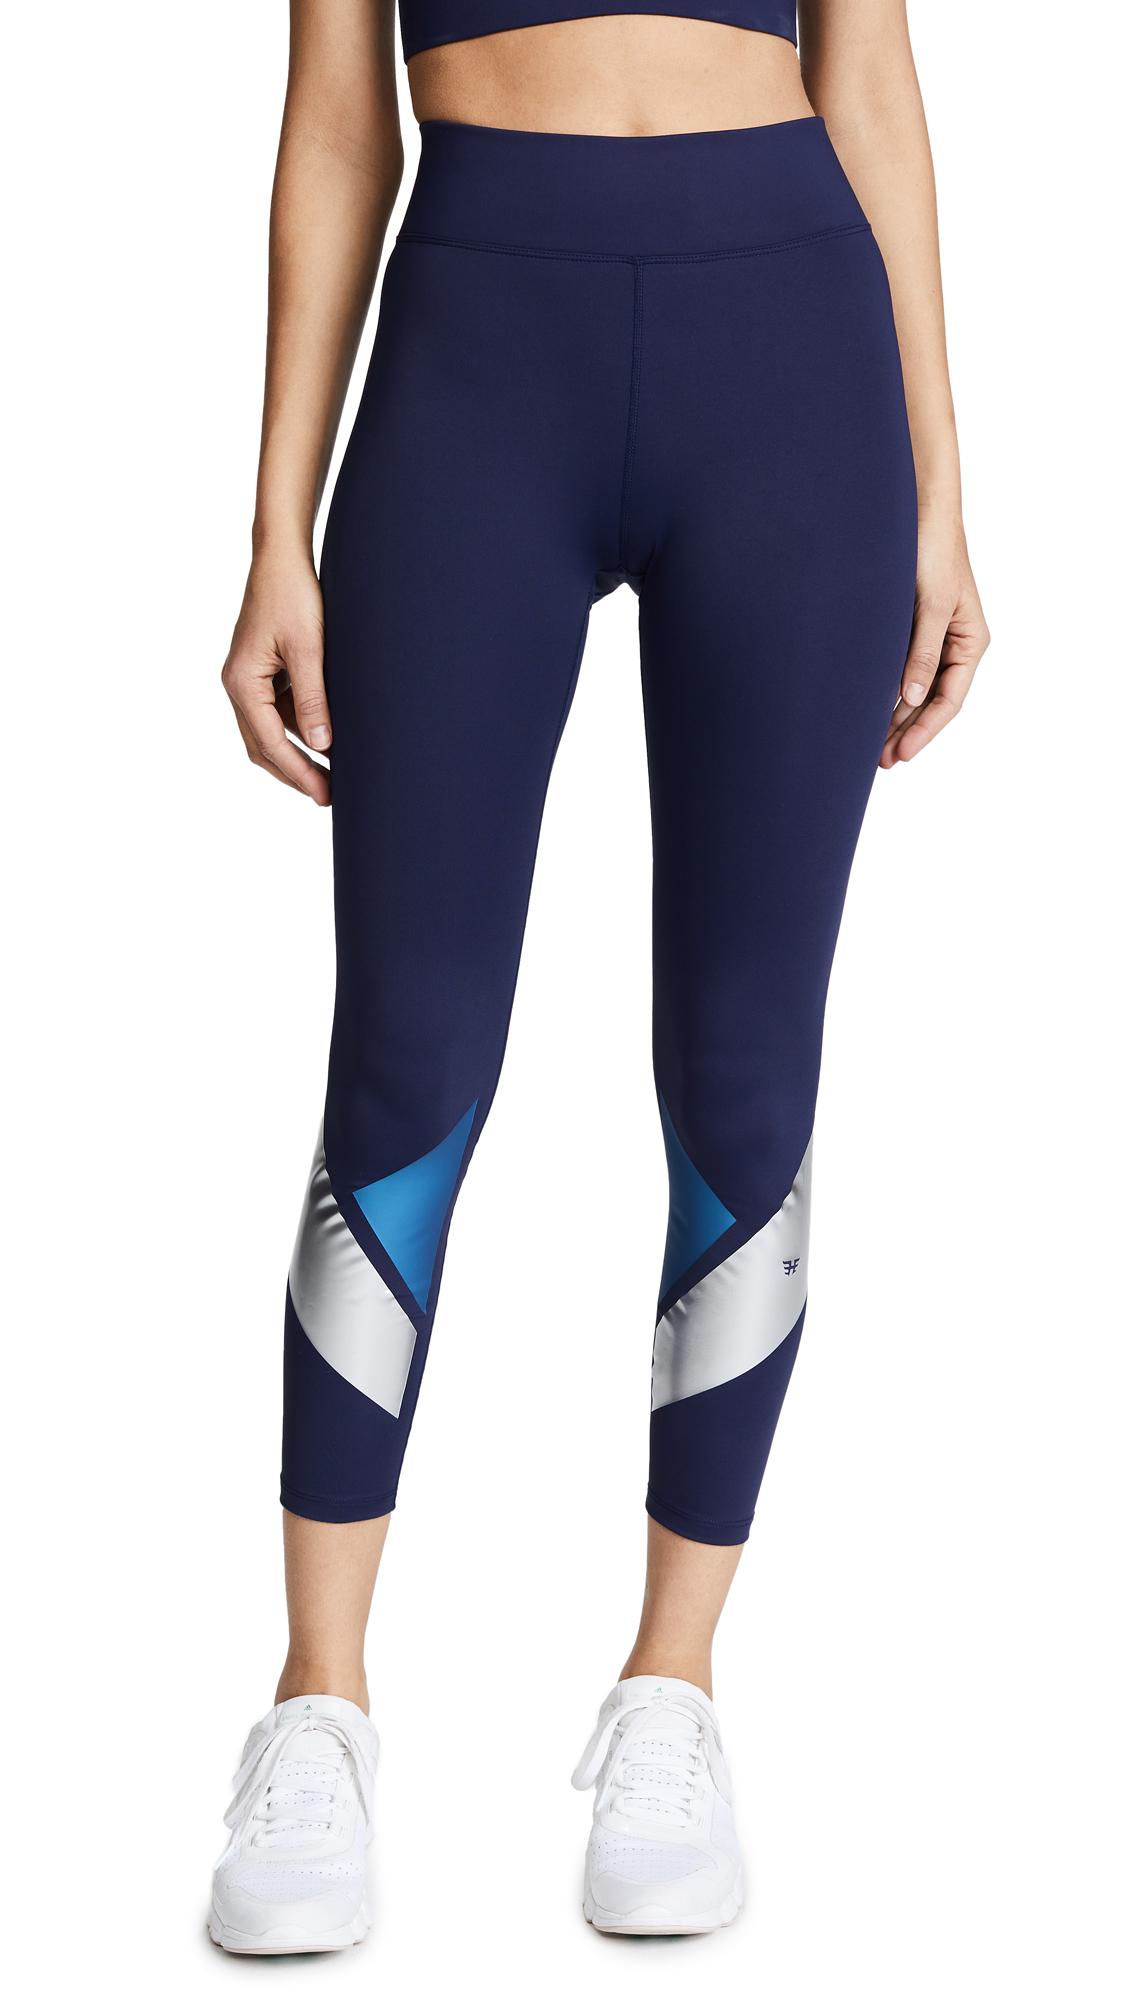 Heroine Sport Flex Leggings - Navy/Blue/Silver